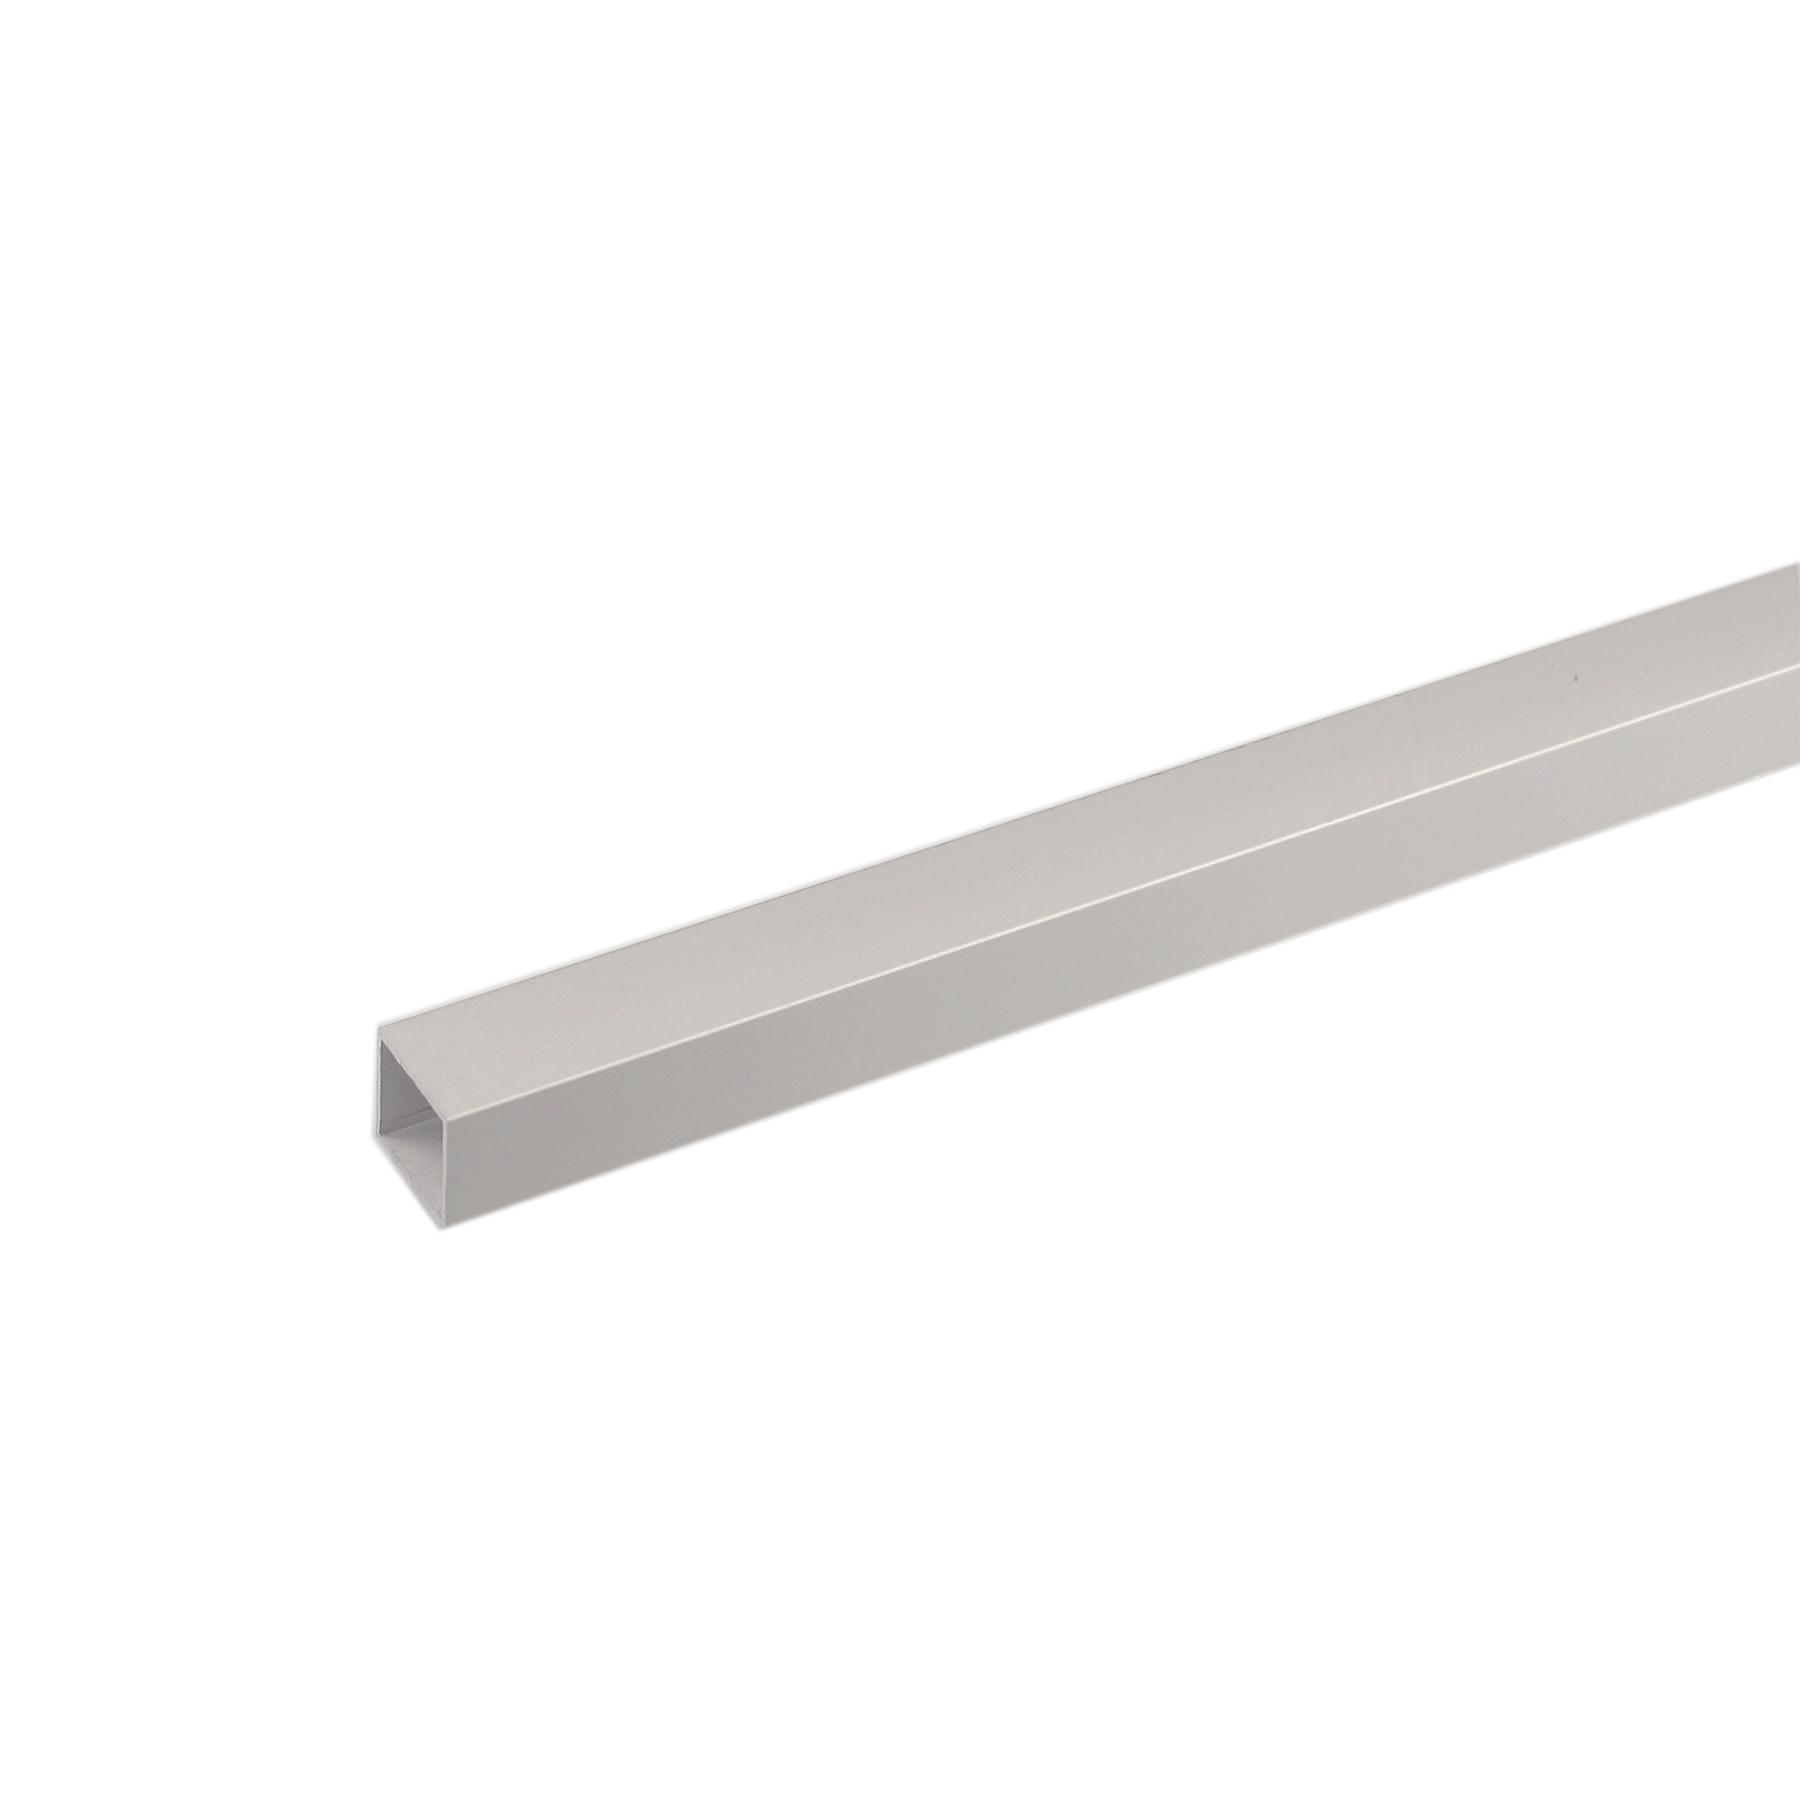 Tubo Quadrado Alumínio Anodizado 2mx20cm